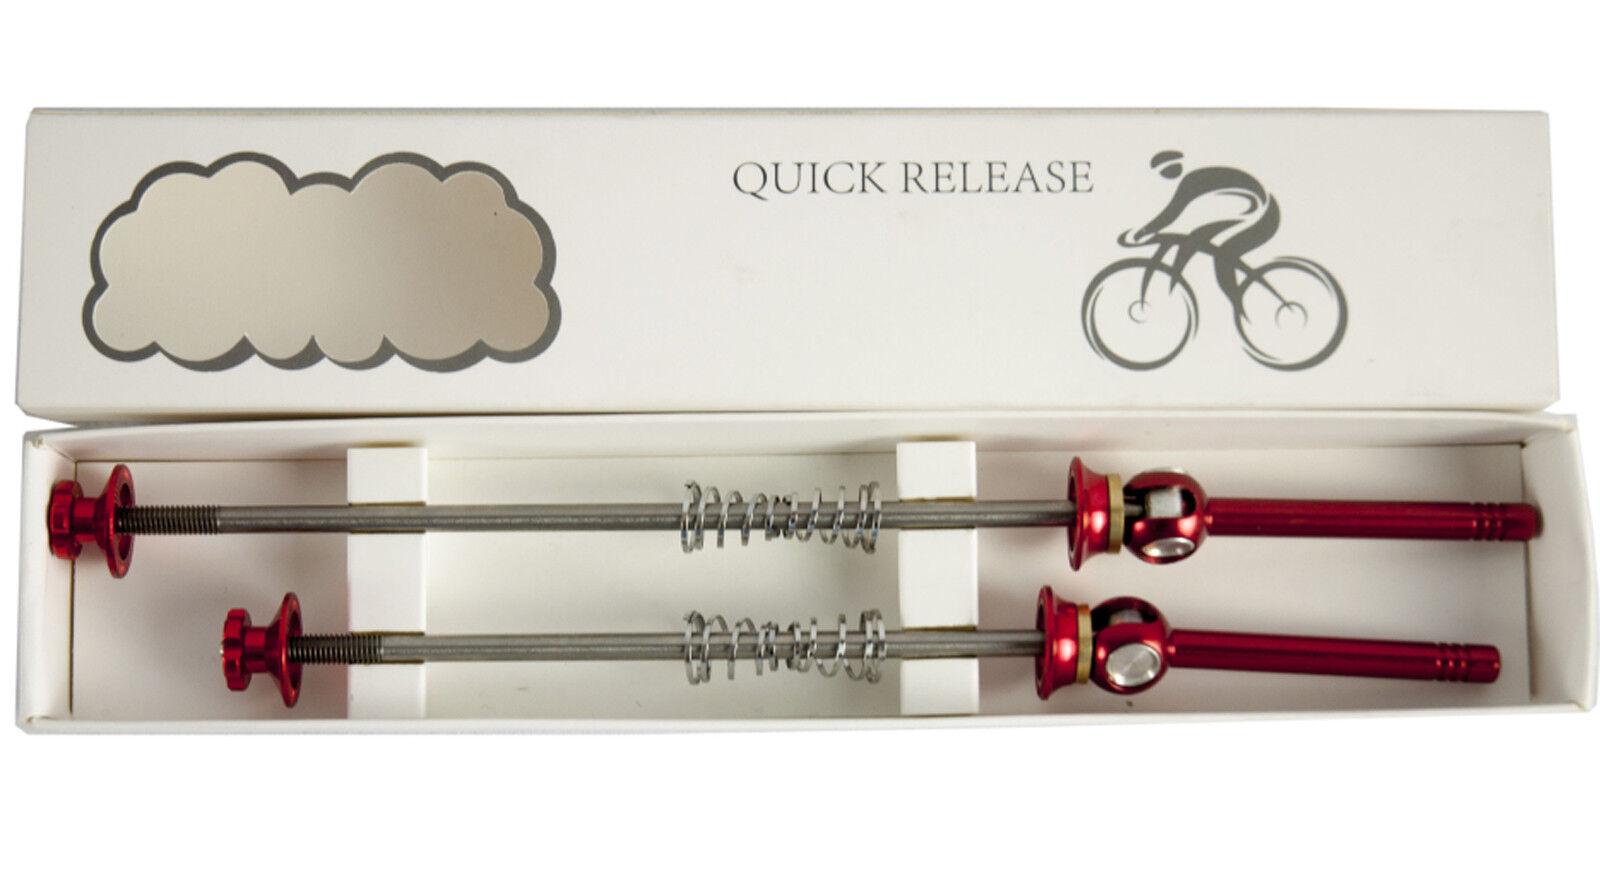 Titanium Skewer Road Bike 9X100mm 10X130mm Bicycle Skewer 700C Road Bike Cycle